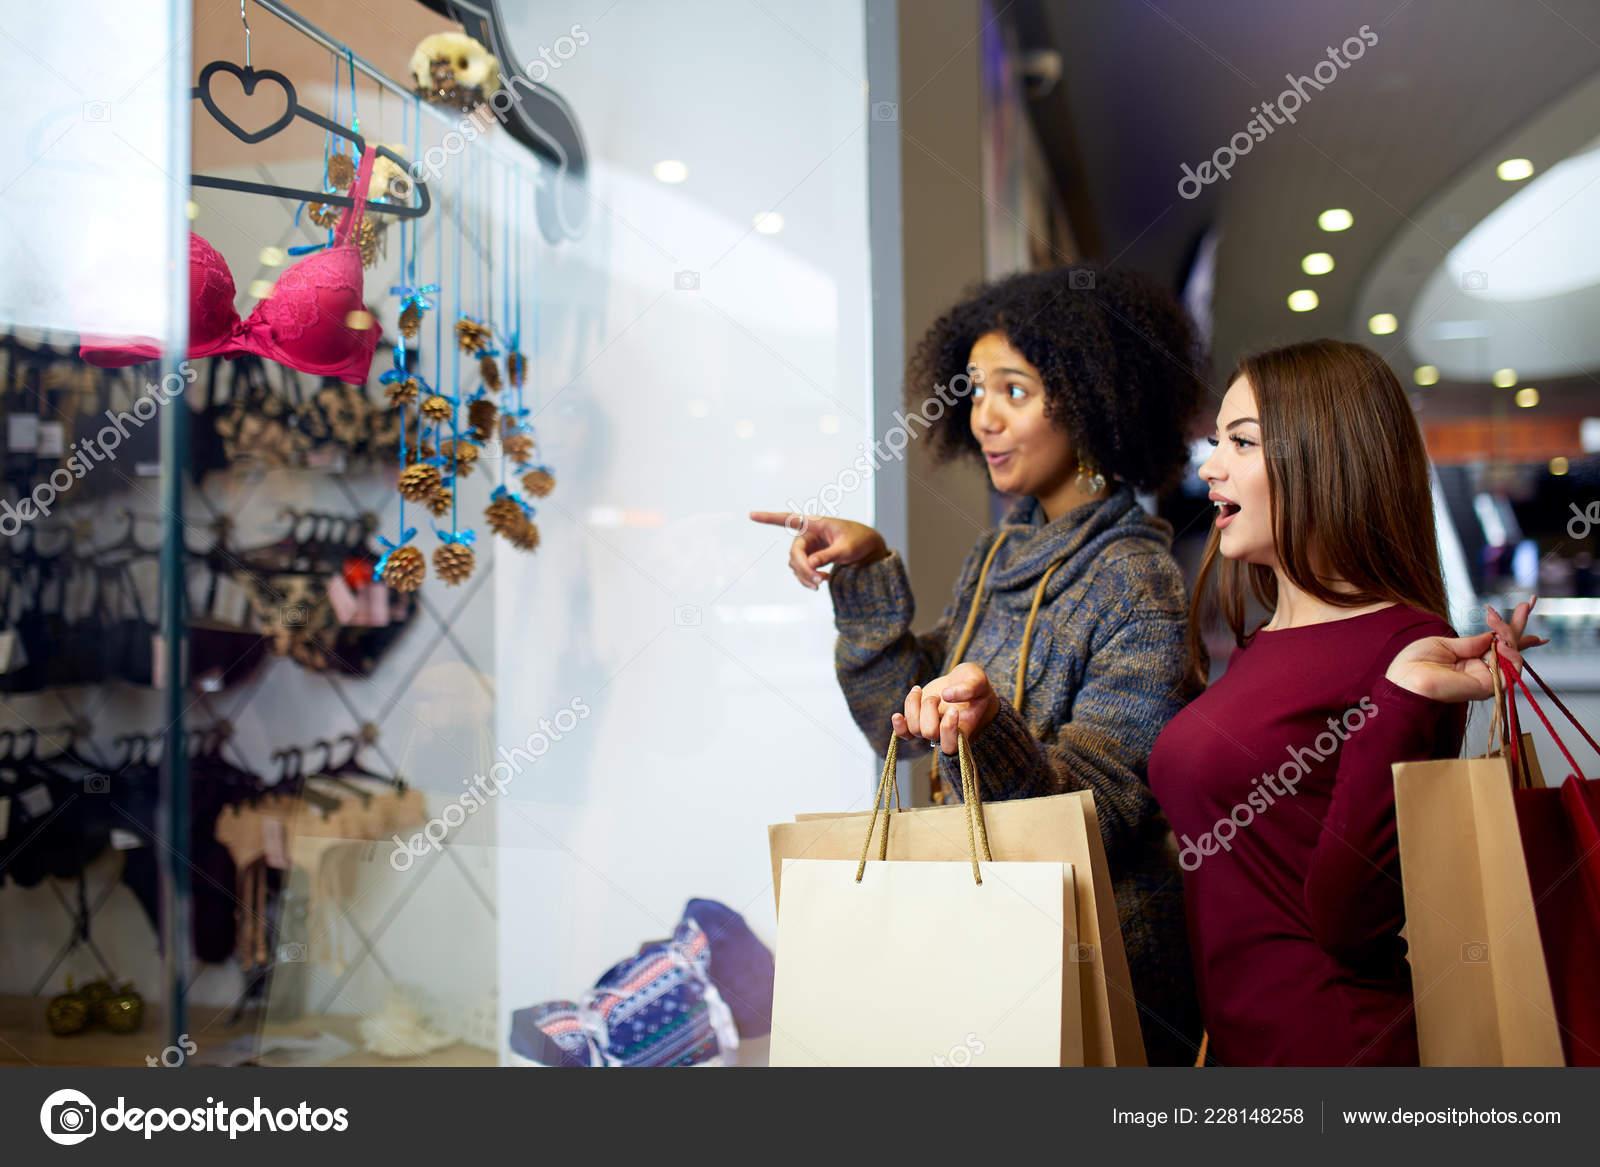 36a53521a0 Dos mujer mestiza joven multiétnica feliz de las compras de ropa interior  junto a la ventana de la tienda de ropa boutique